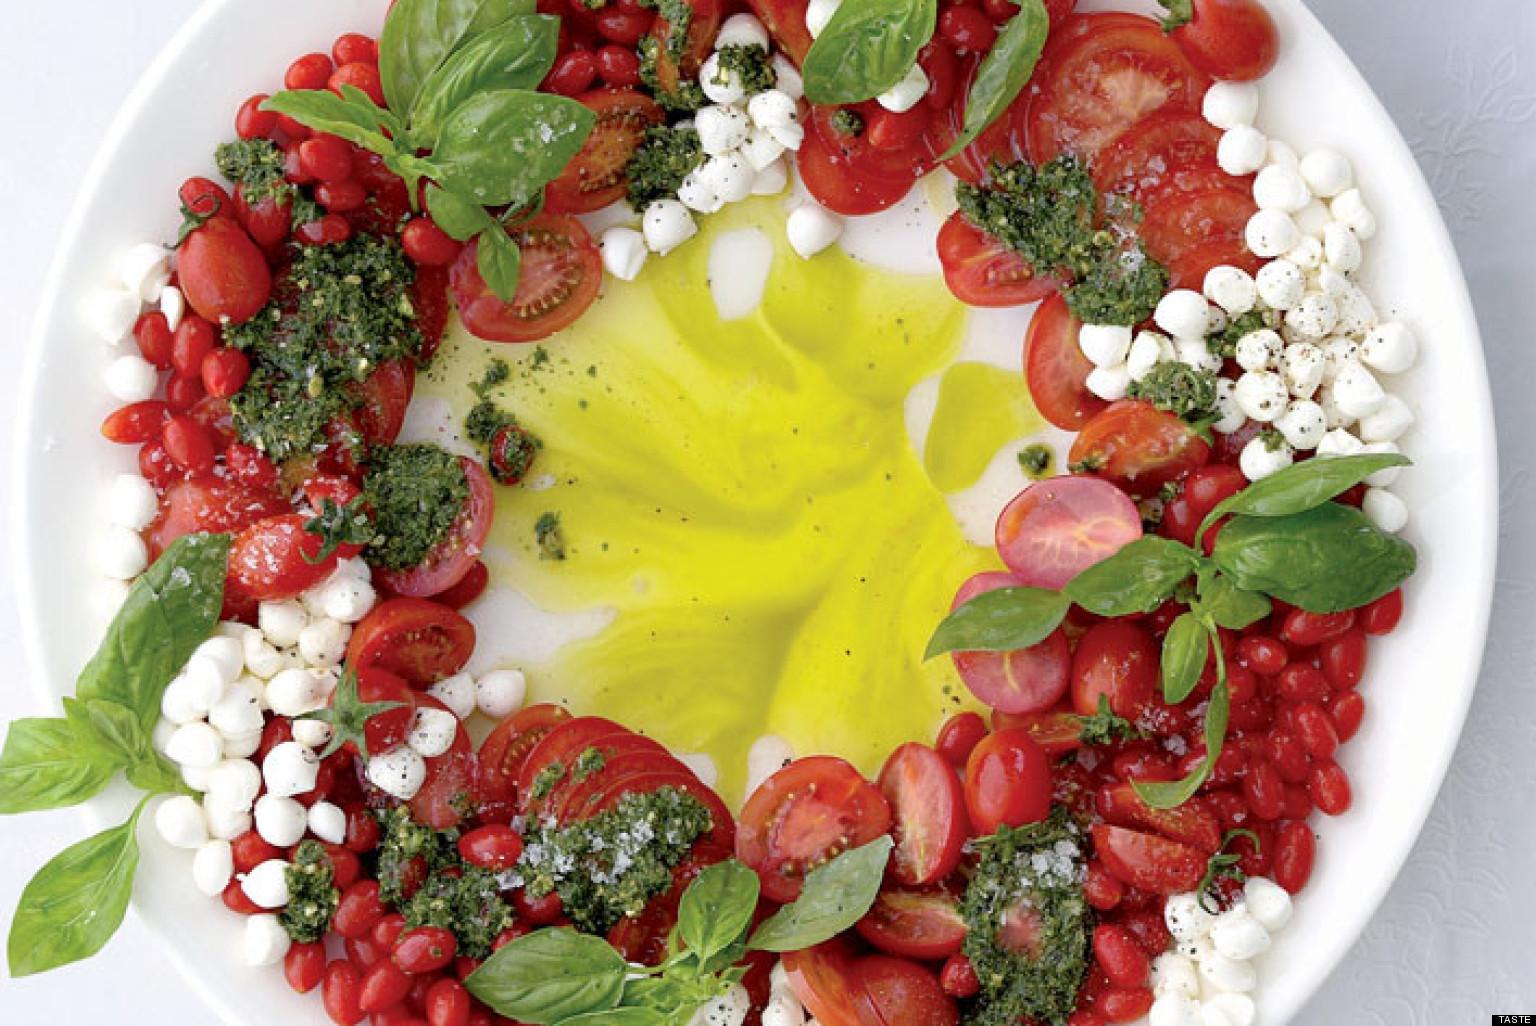 Italian Christmas Dinner  Italian Christmas Recipes PHOTOS